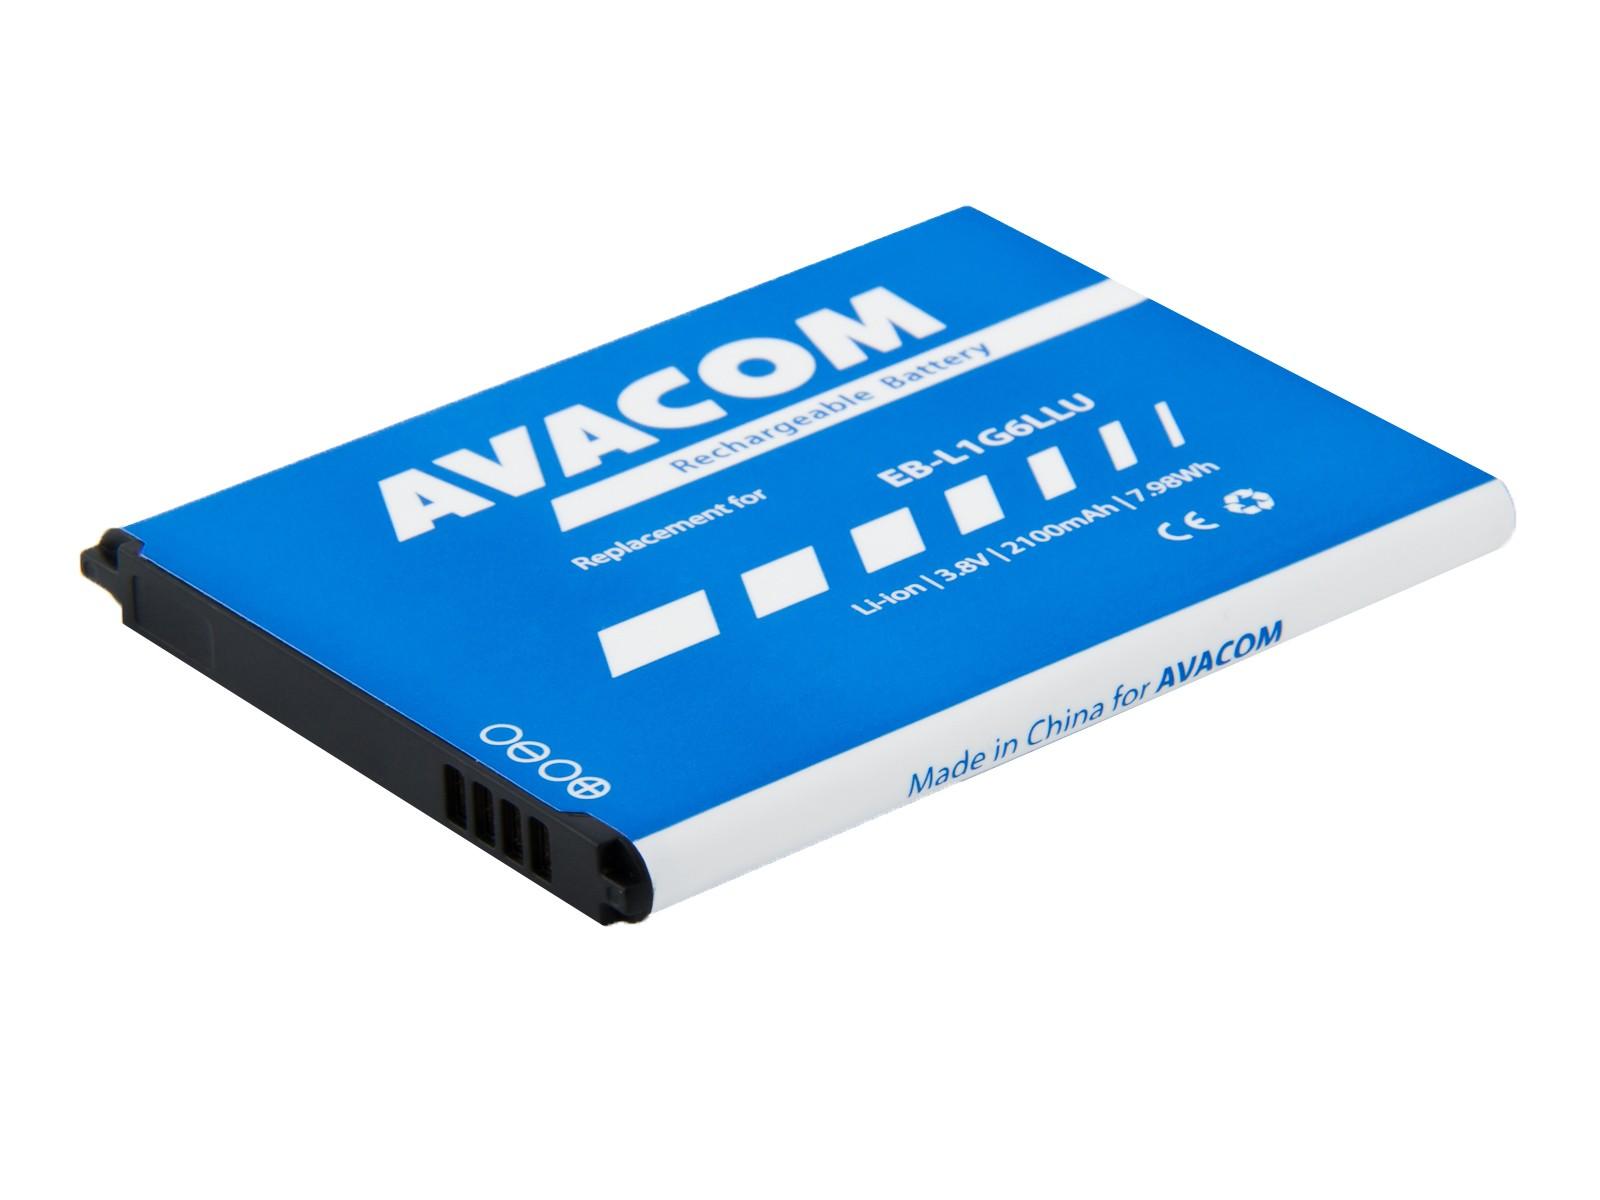 Baterie AVACOM GSSA-I9300-S2100A do mobilu Samsung SGH-I9300 Galaxy S III Li-Ion 3,7V 2100mAh - GSSA-I9300-S2100A